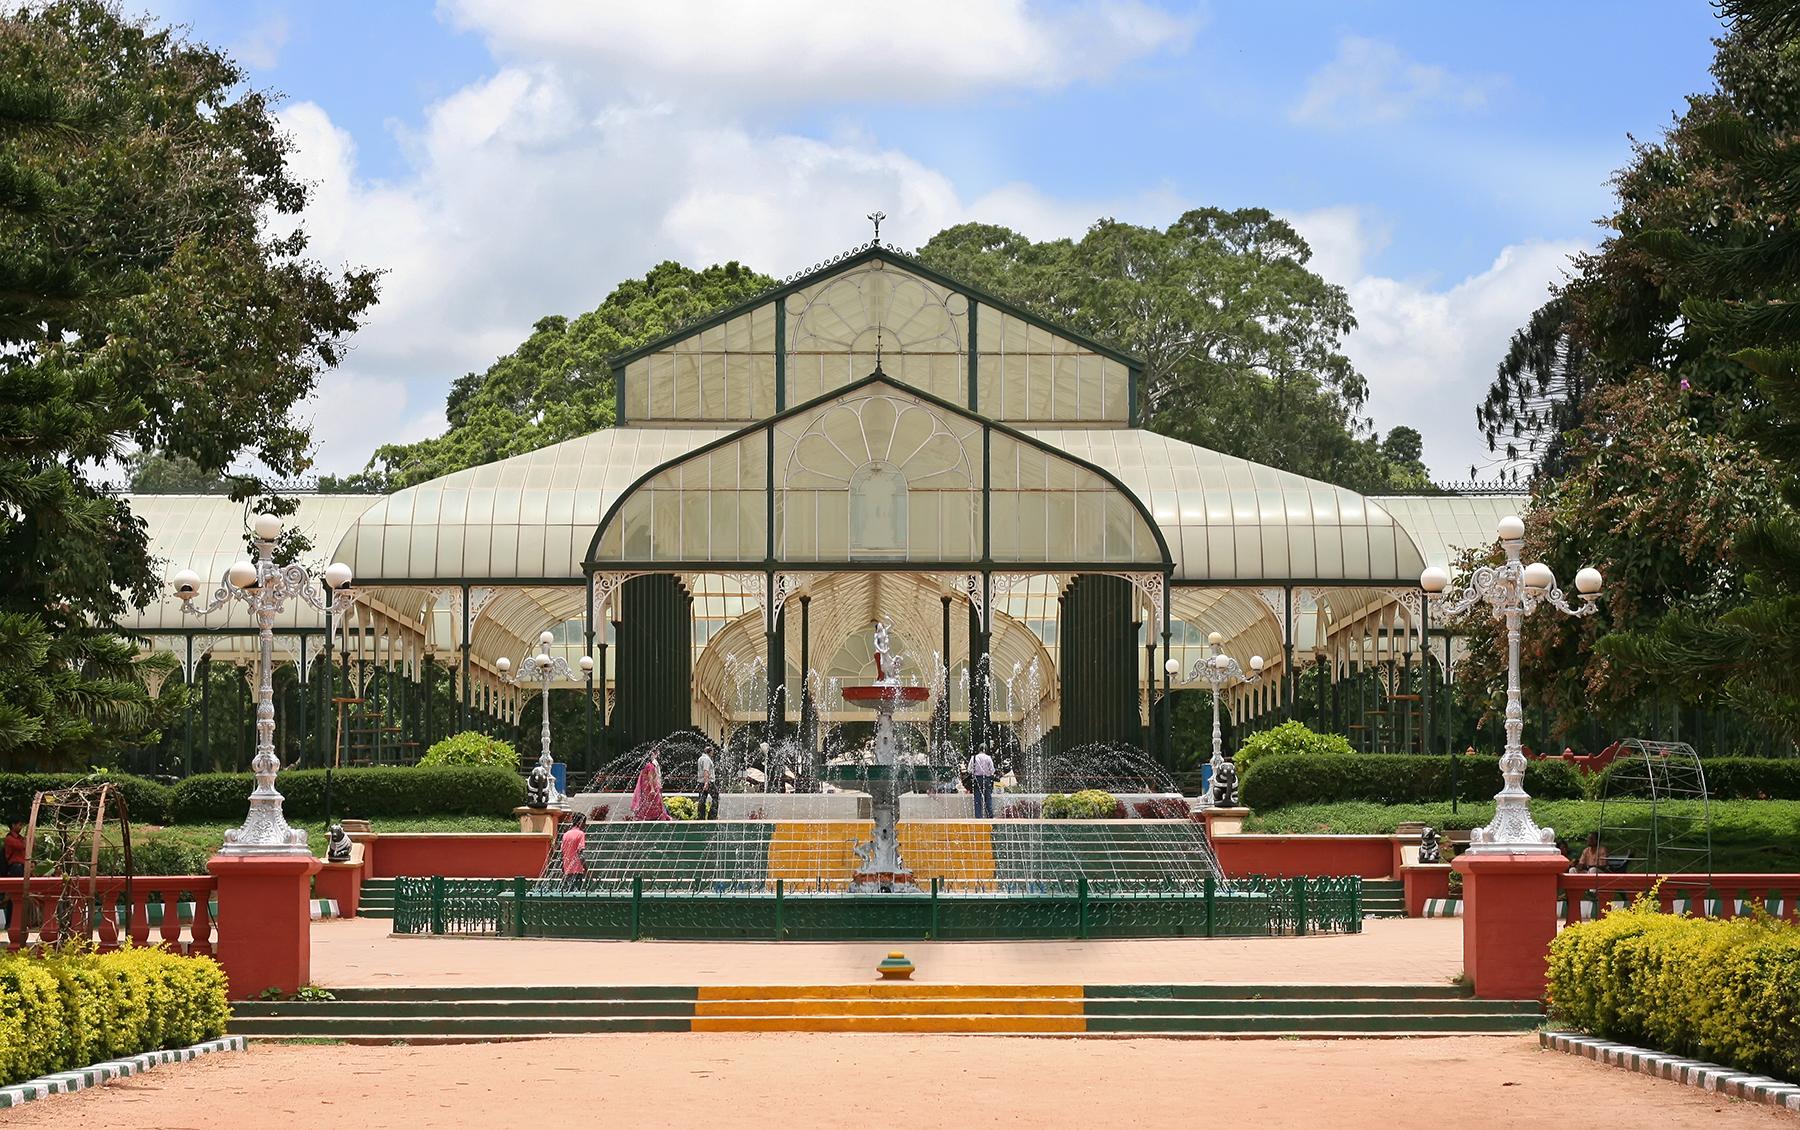 البيت الزجاجي في حديقة لال باغ بنجلور